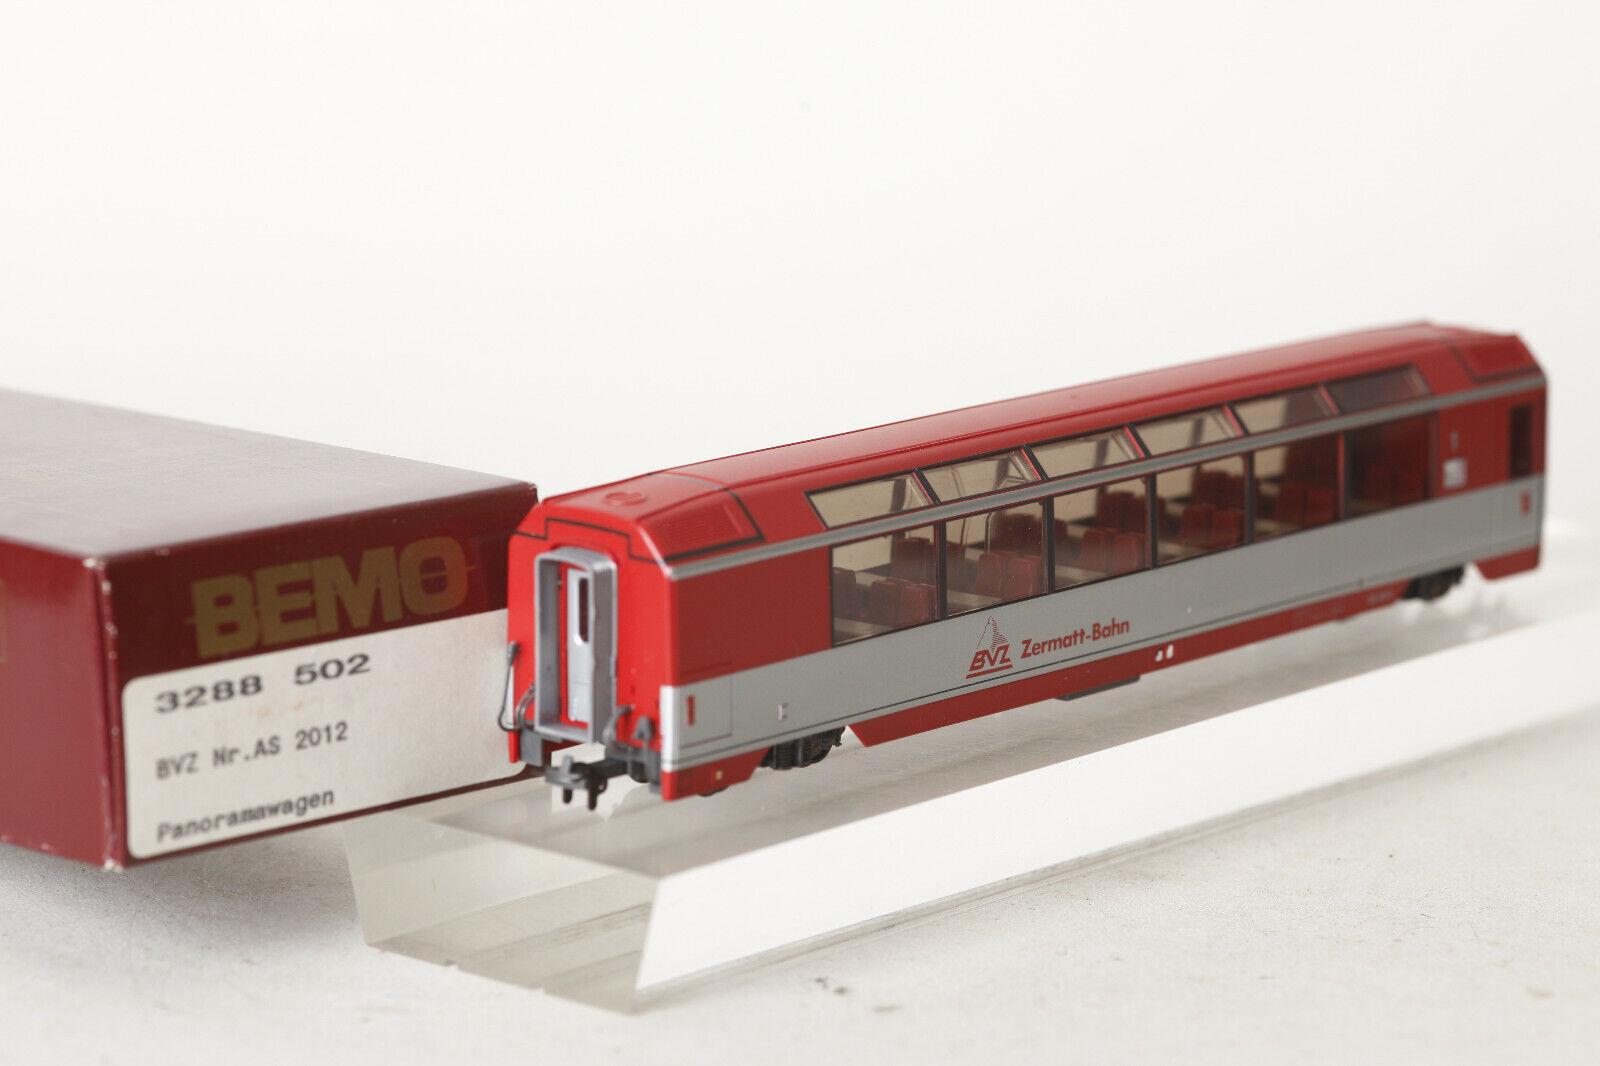 Bemo H0m 3288 502 Panorama Car Bvz Zermatt-Bahn as 2012 Red Boxed (93886)